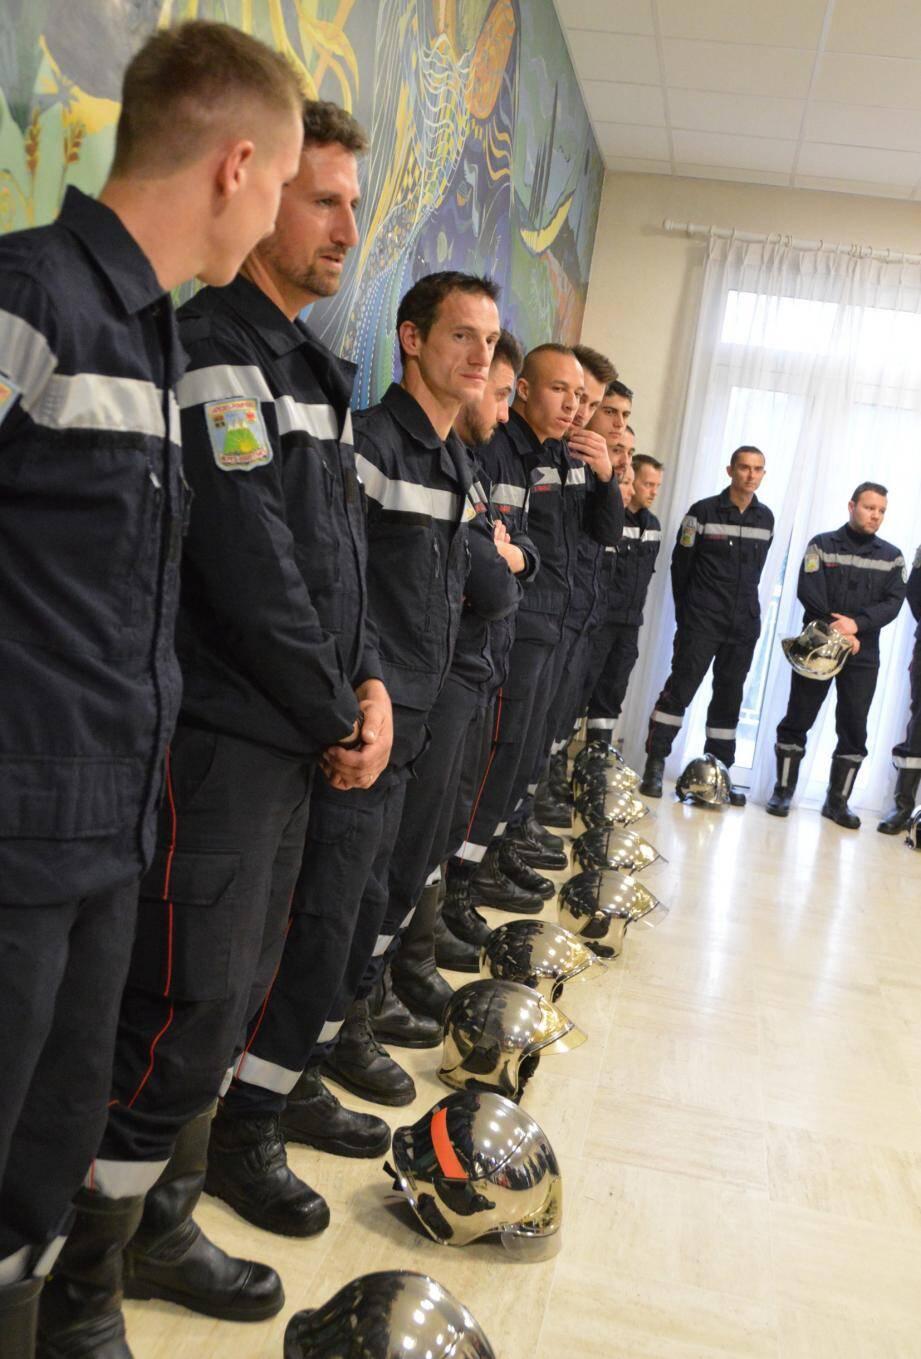 Les hommes du centre de secours mis à l'honneur pour leur implication et leur dévouement.